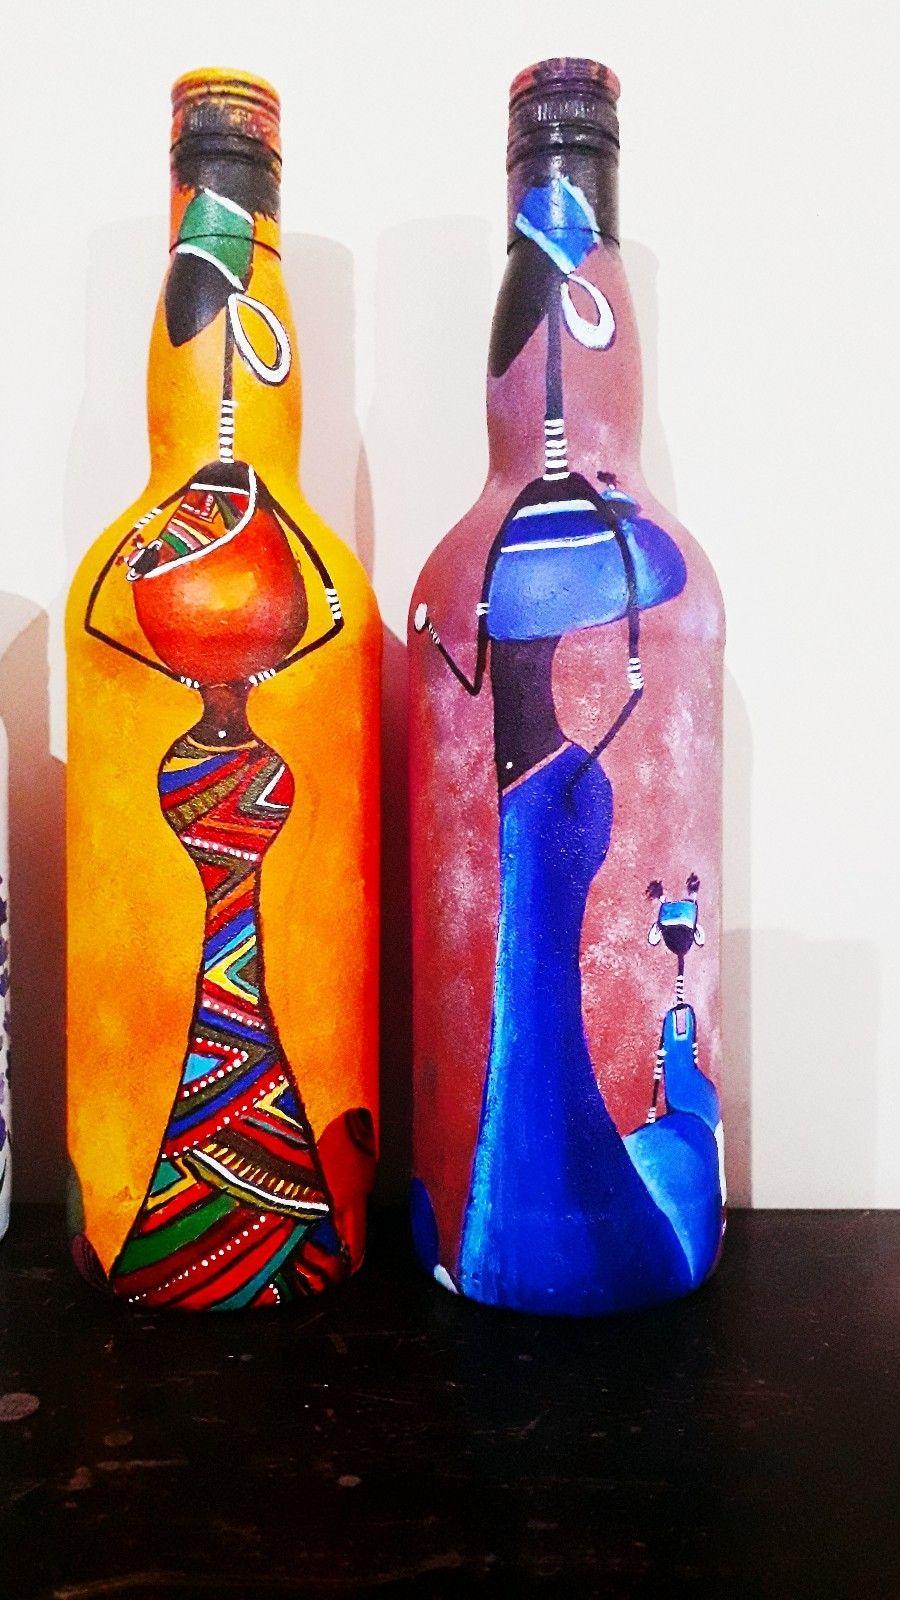 African Art In Bottile In 2020 Glass Bottles Art Bottle Art Bottles Decoration